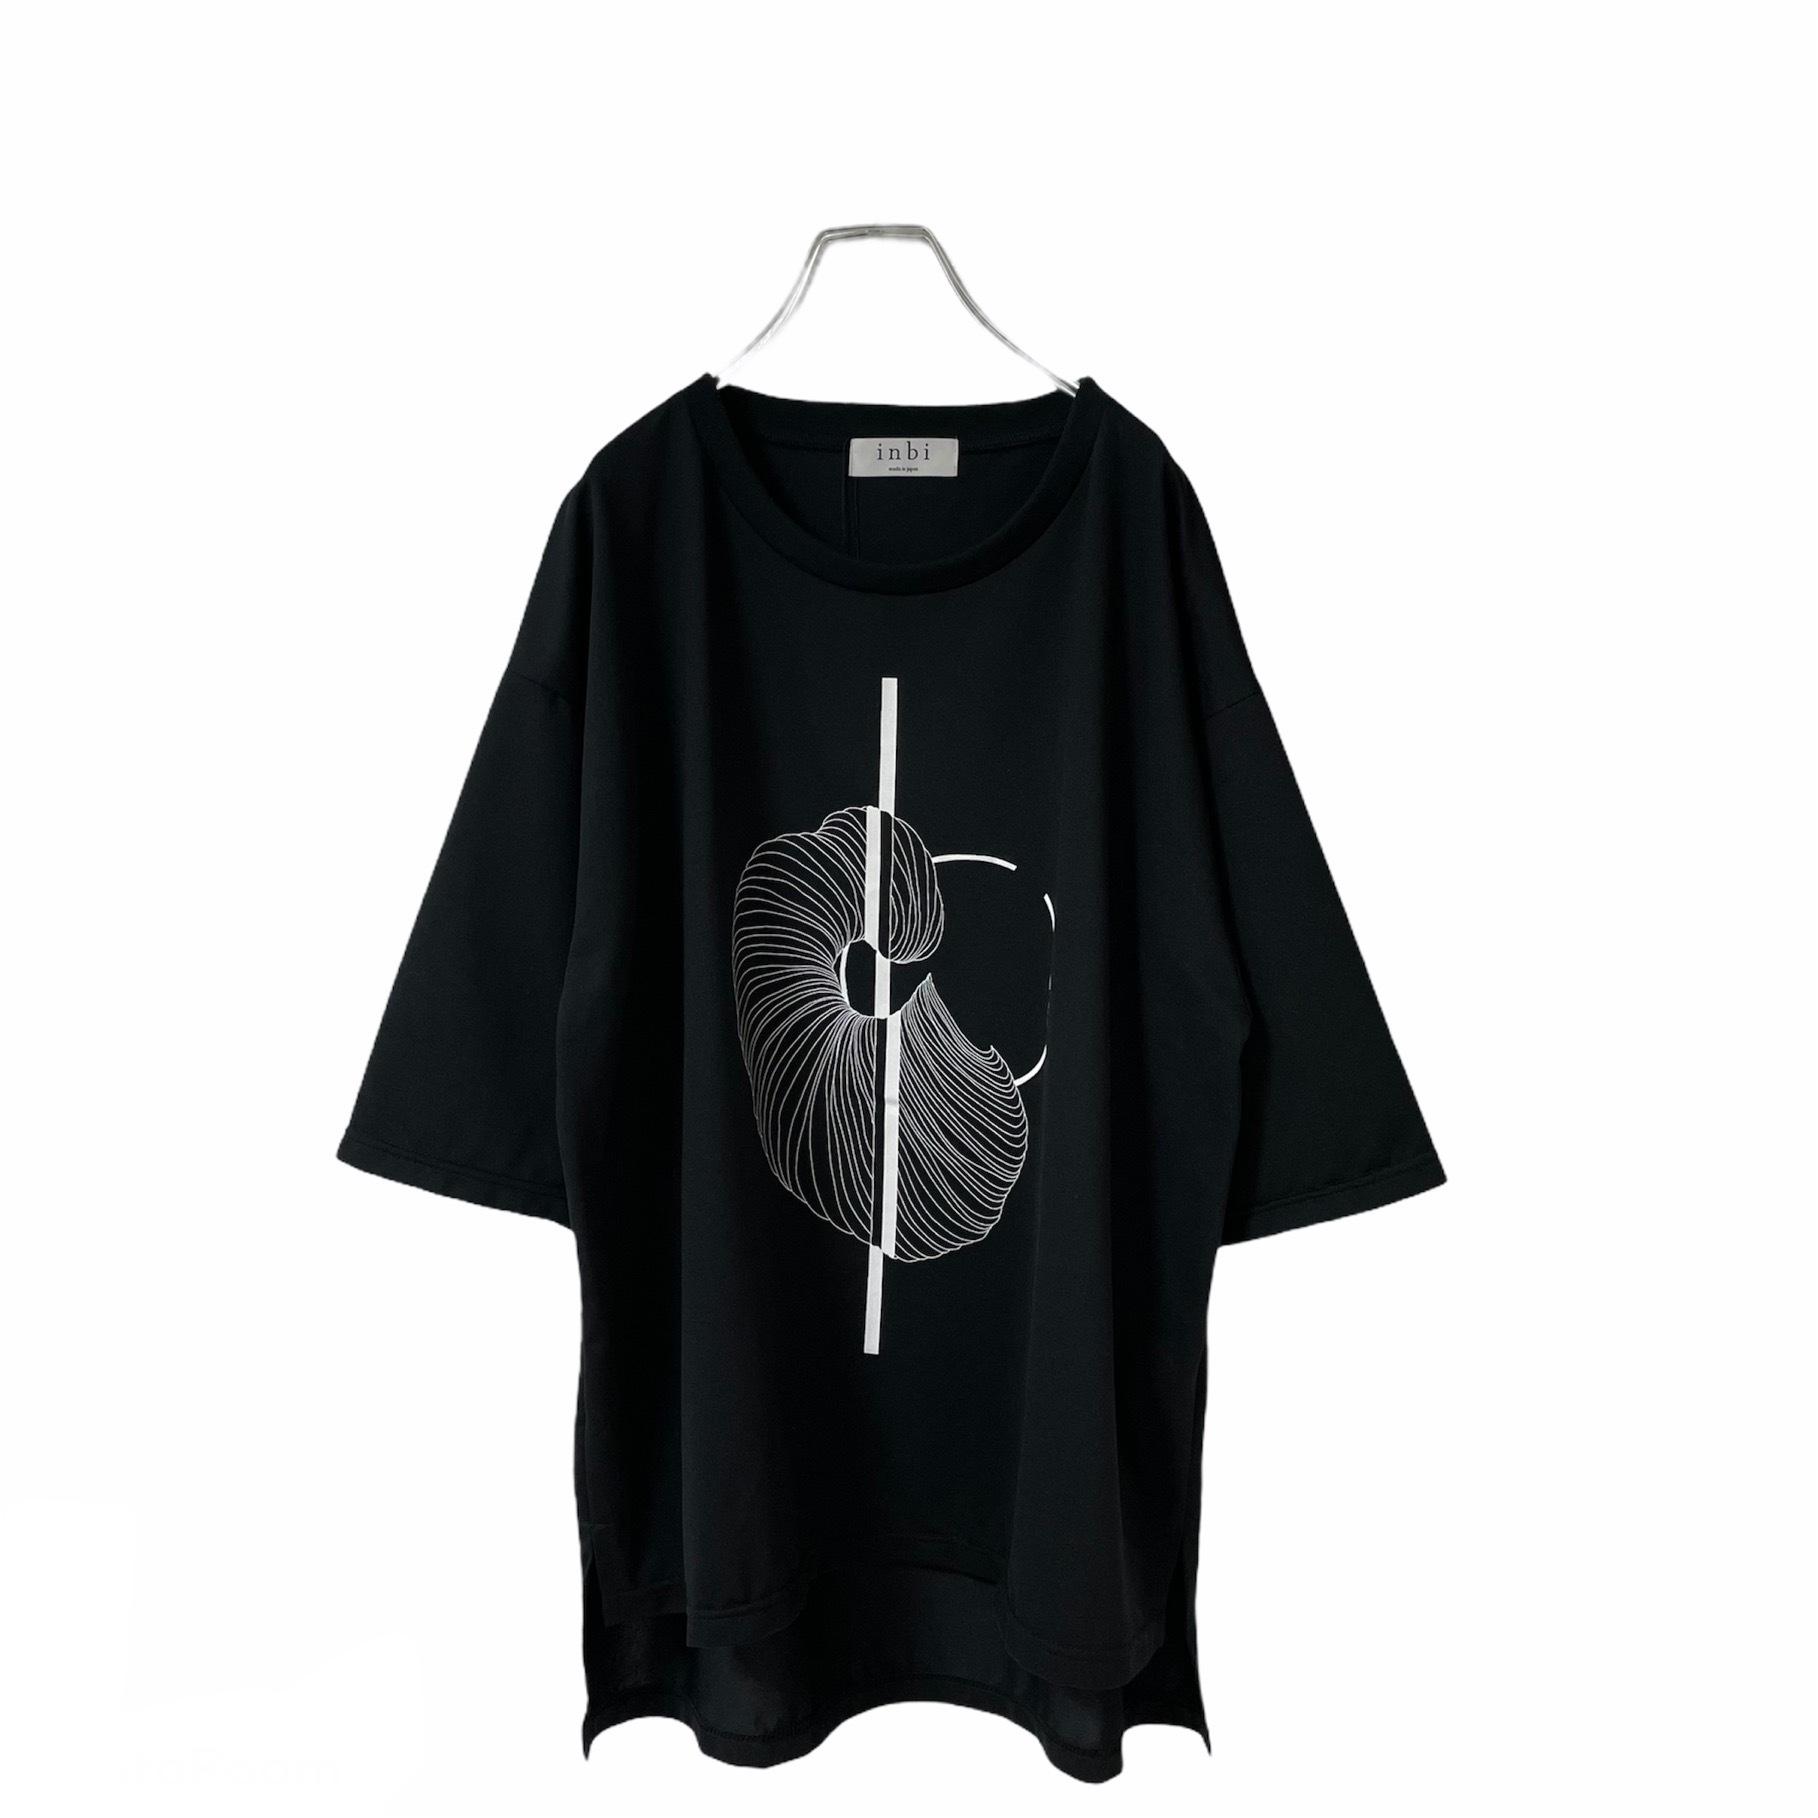 Basic-T-shirts  (black/inbi gp3)